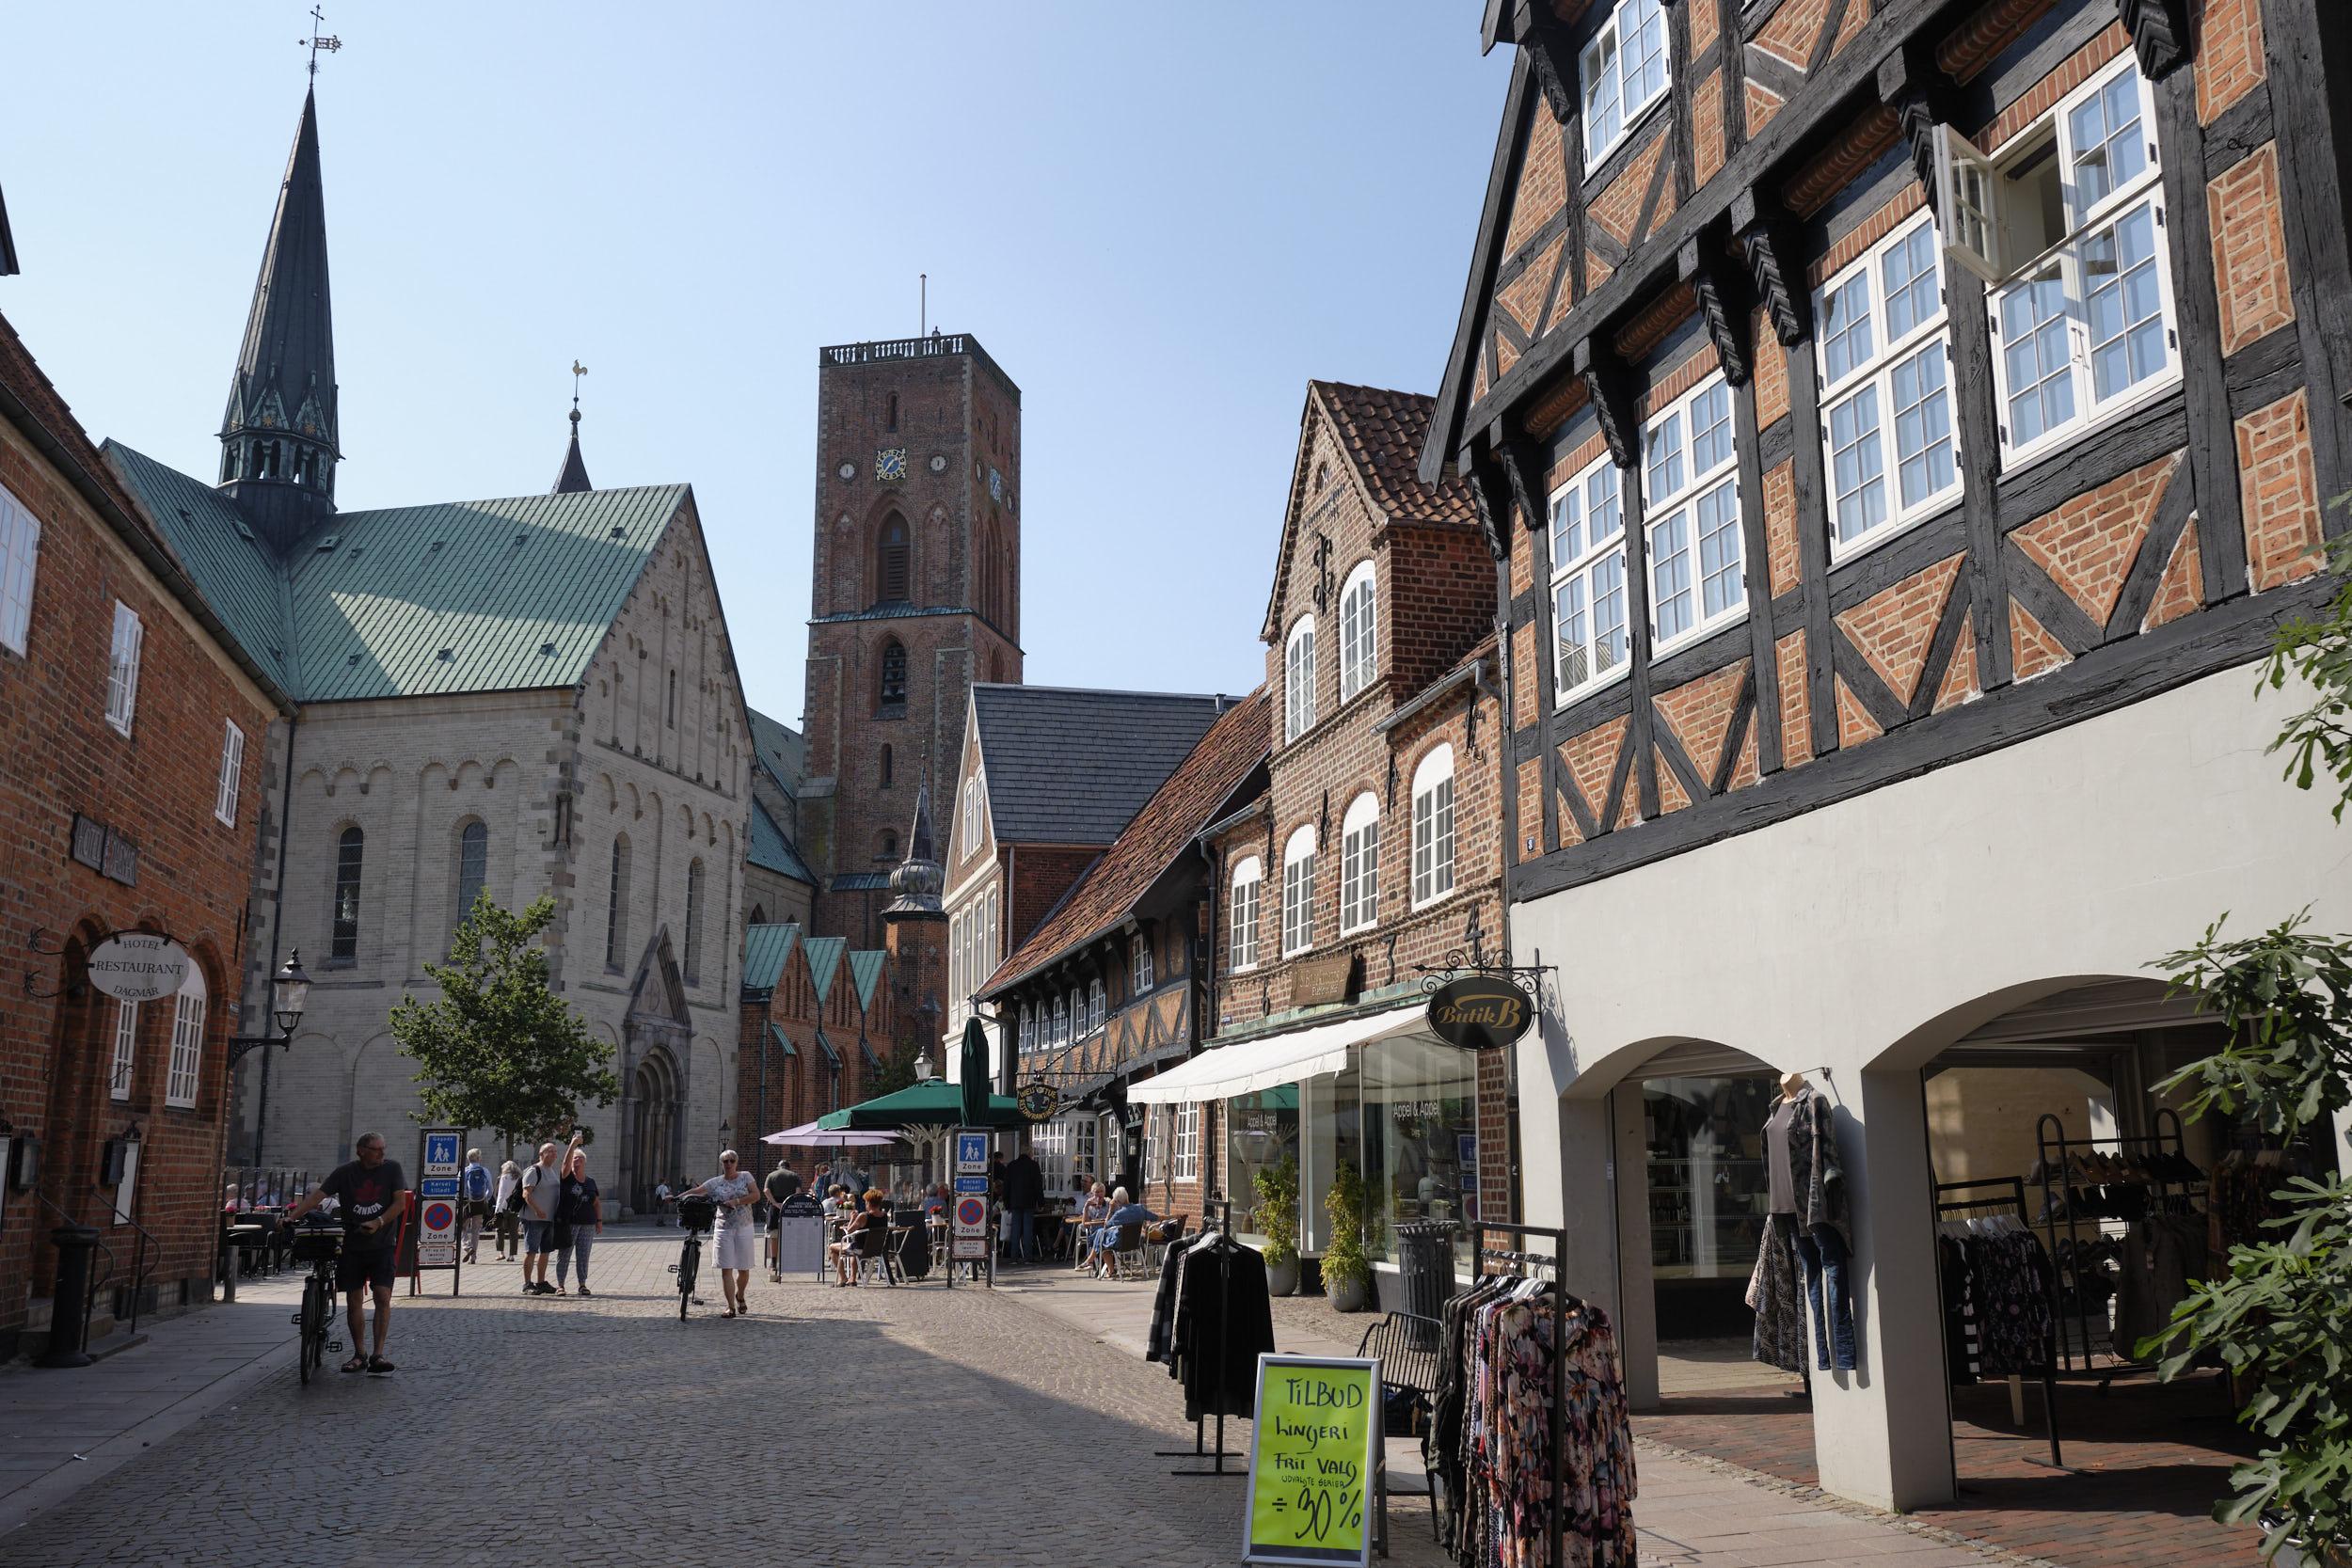 historisch - Ribe/DK